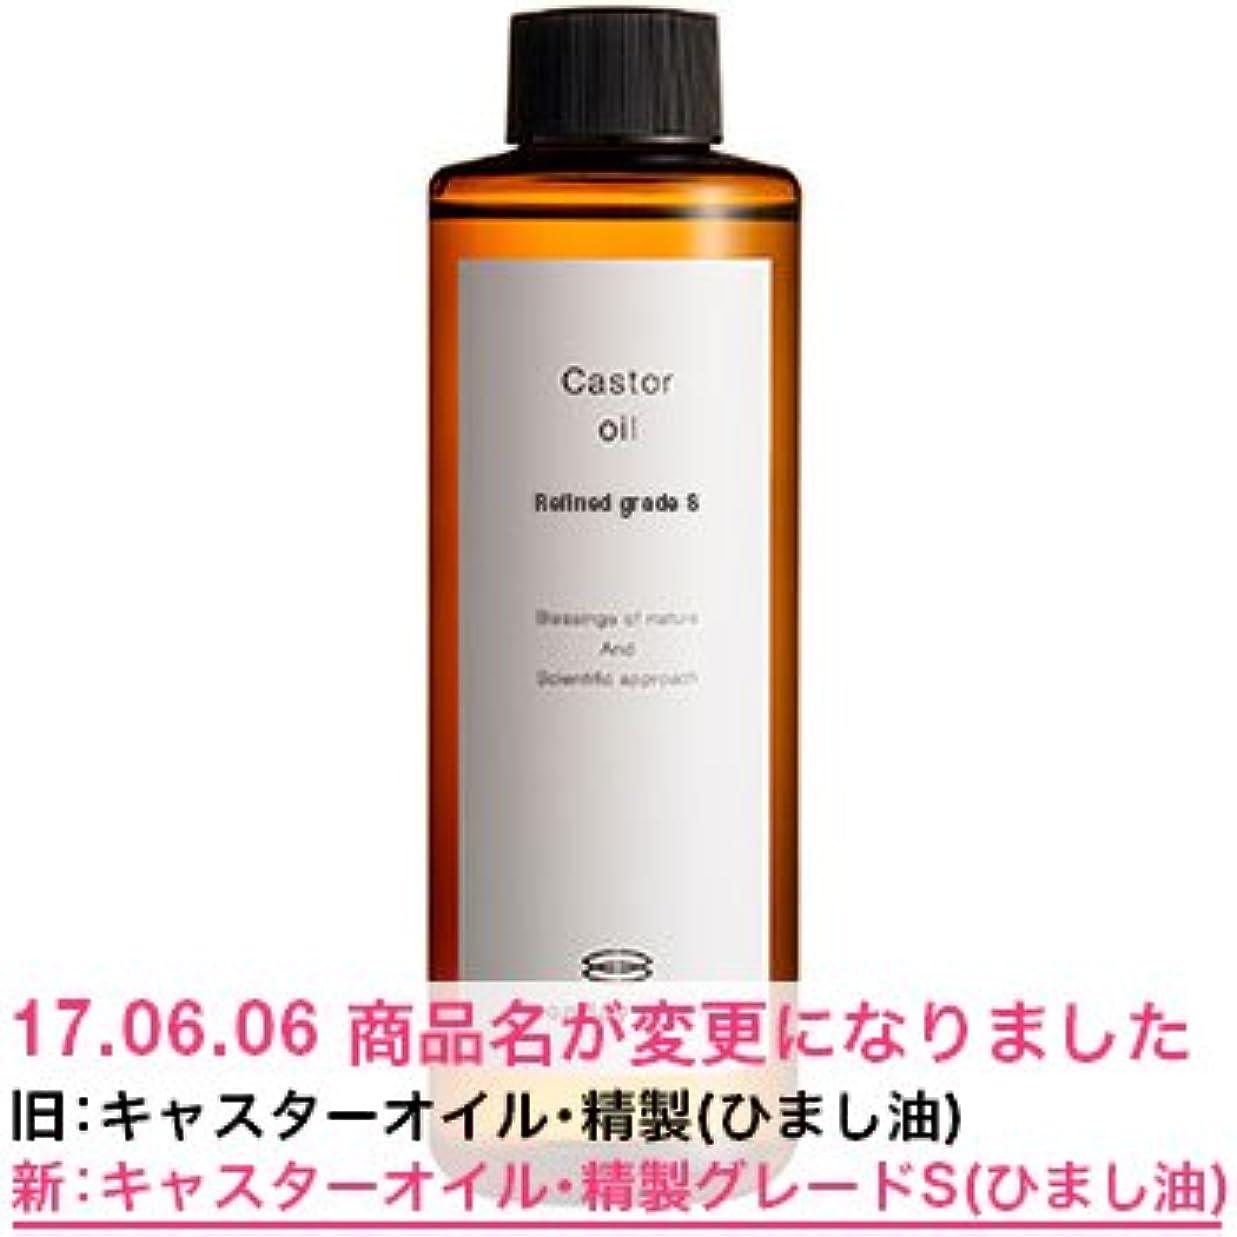 傑作うつ混雑キャスターオイル?精製グレードS(ひまし油)/200ml